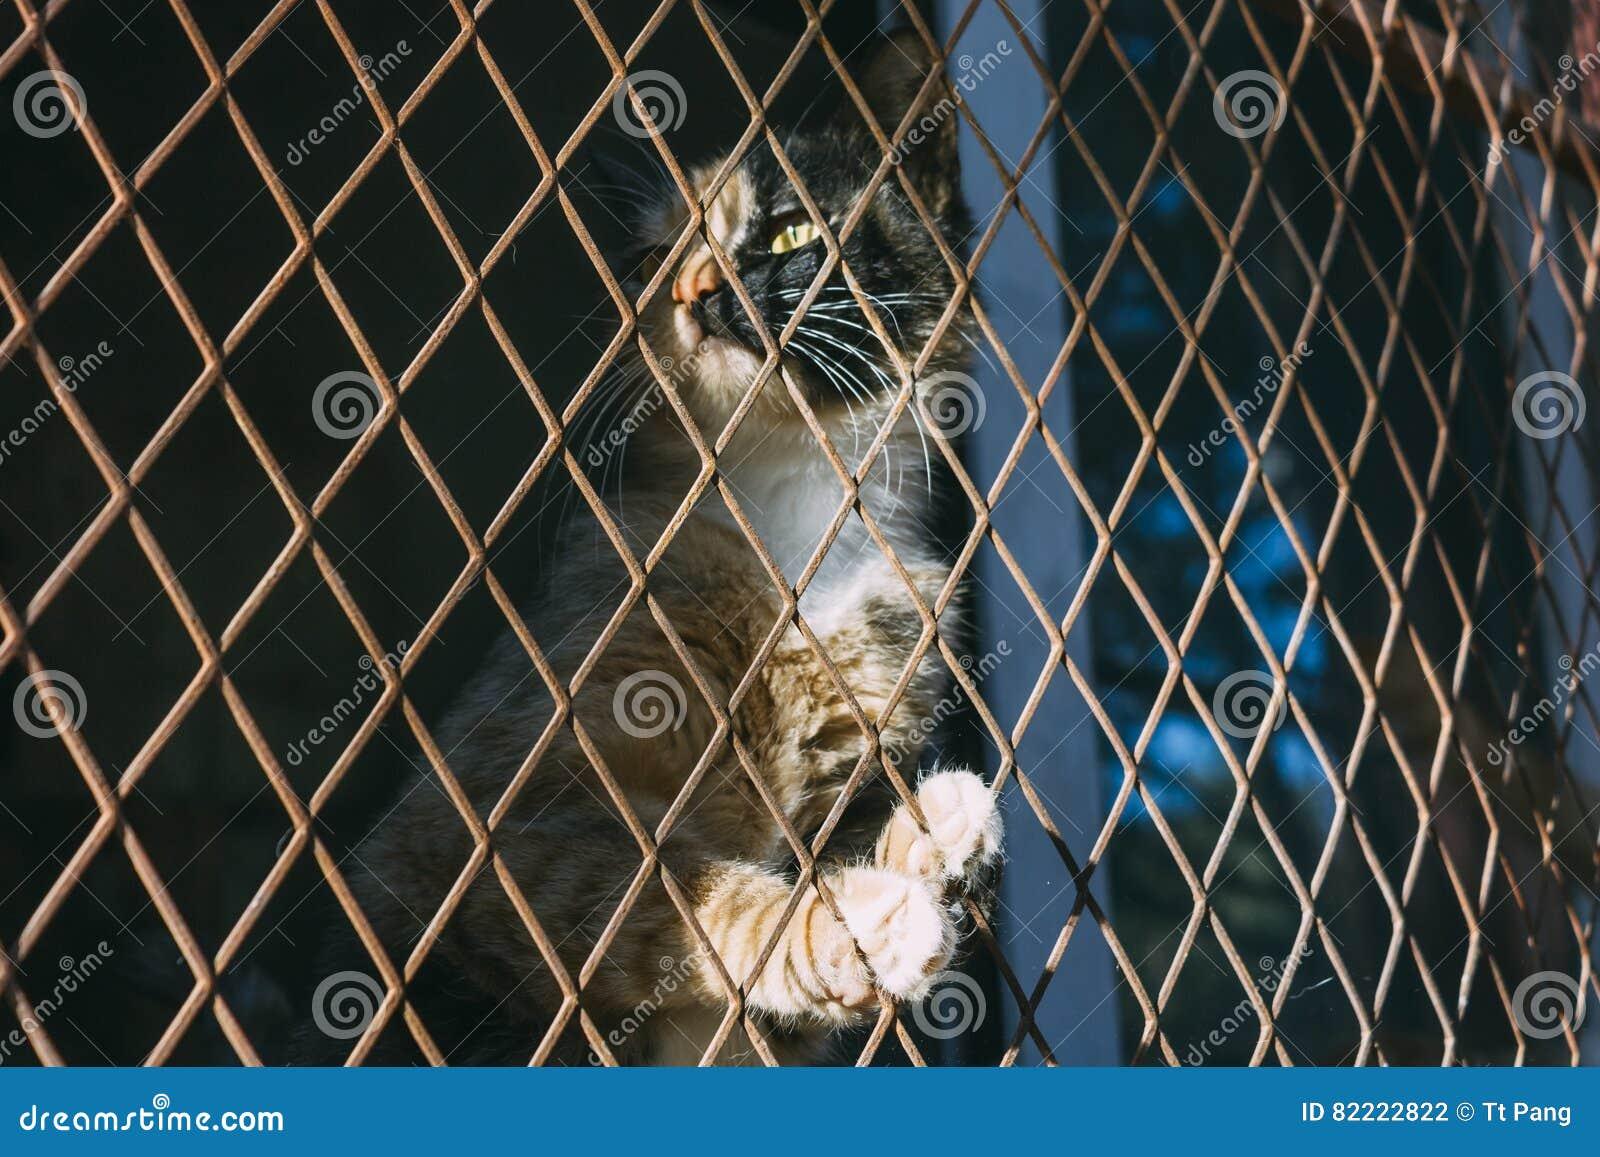 Imbirowego i czarnego kota oklepiec i wtyka w stalowym drucianym siatkarstwie, c